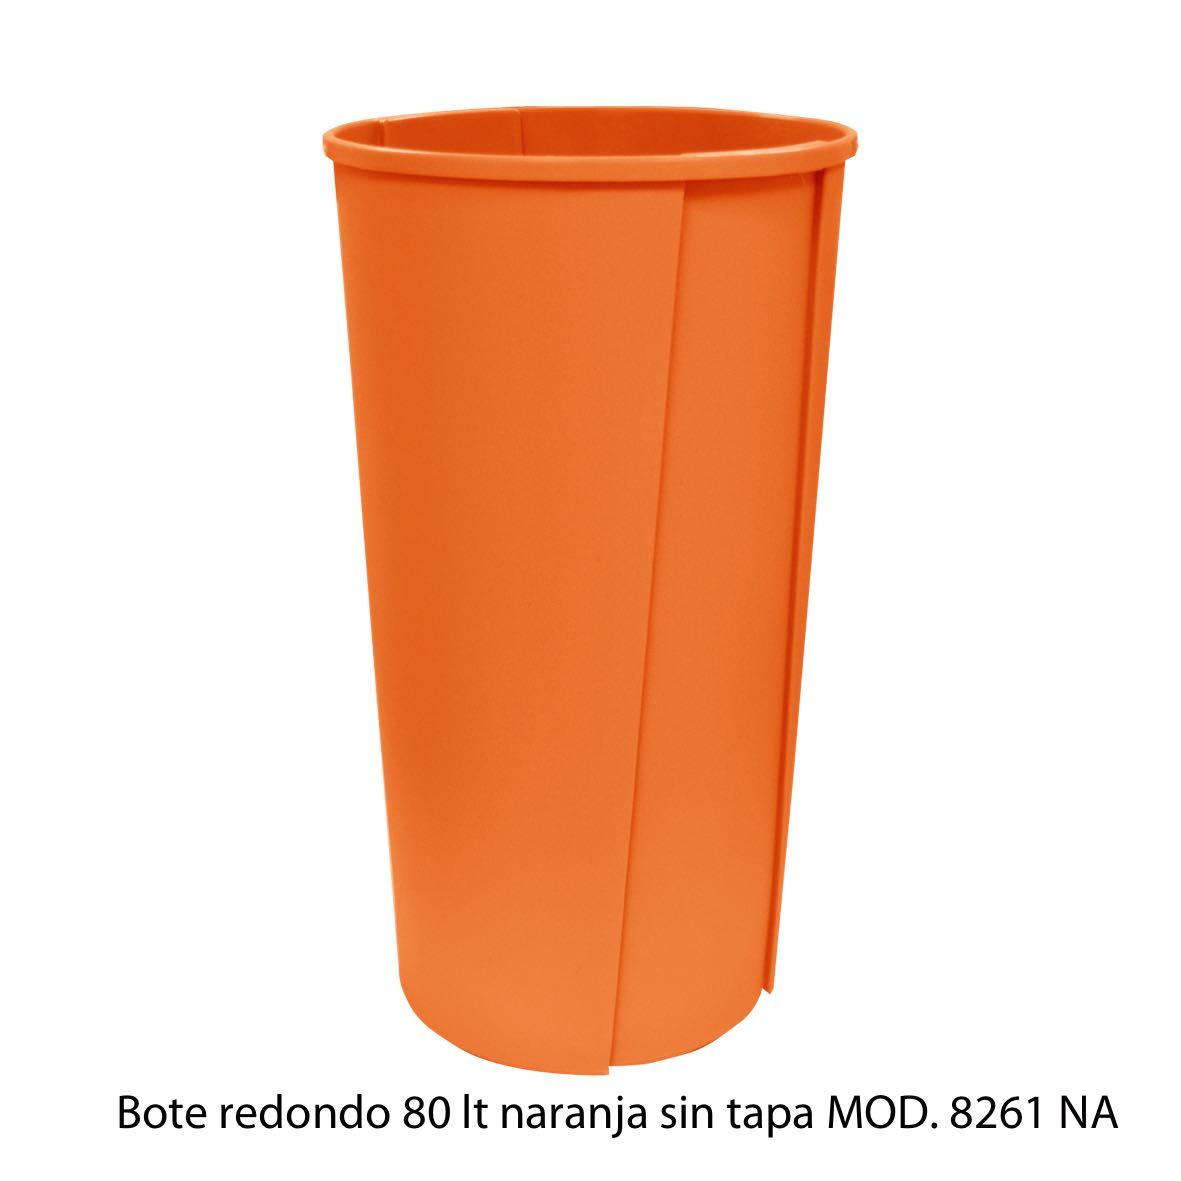 Bote de basura redondo sin tapa de 80 litros naranja modelo 8261 NA Sablón